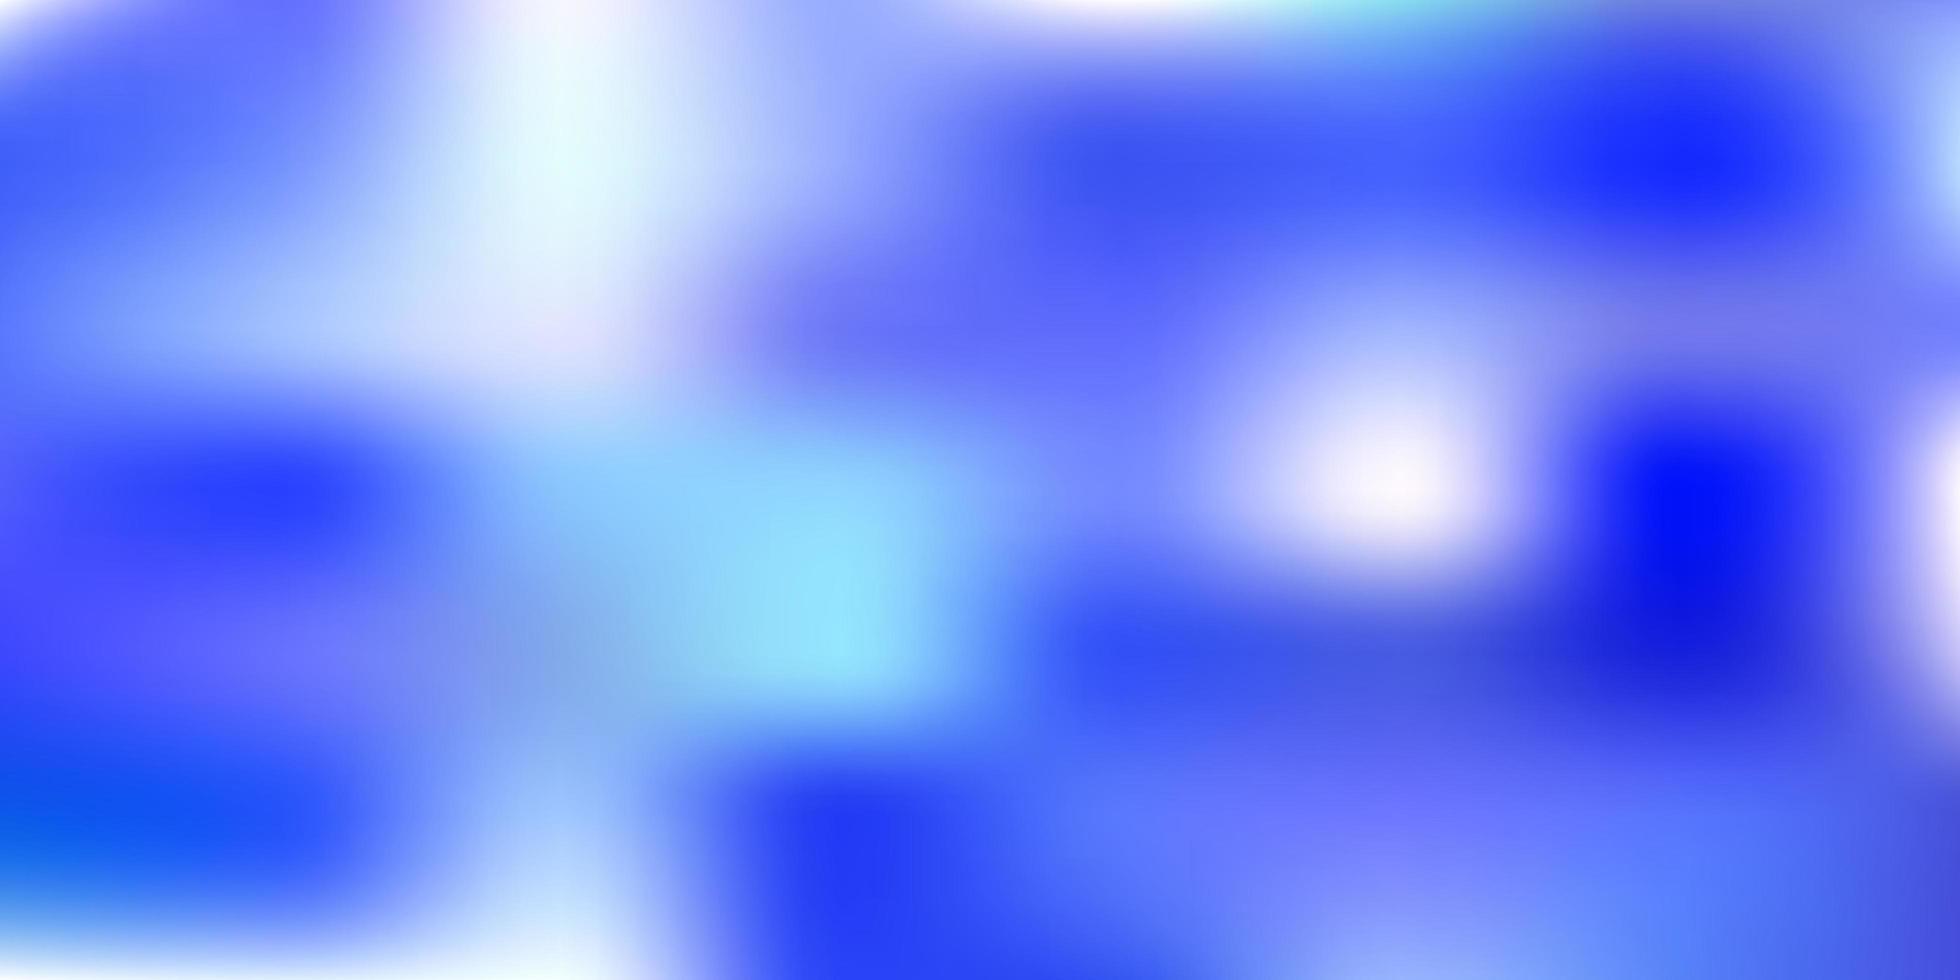 modèle flou bleu foncé. vecteur